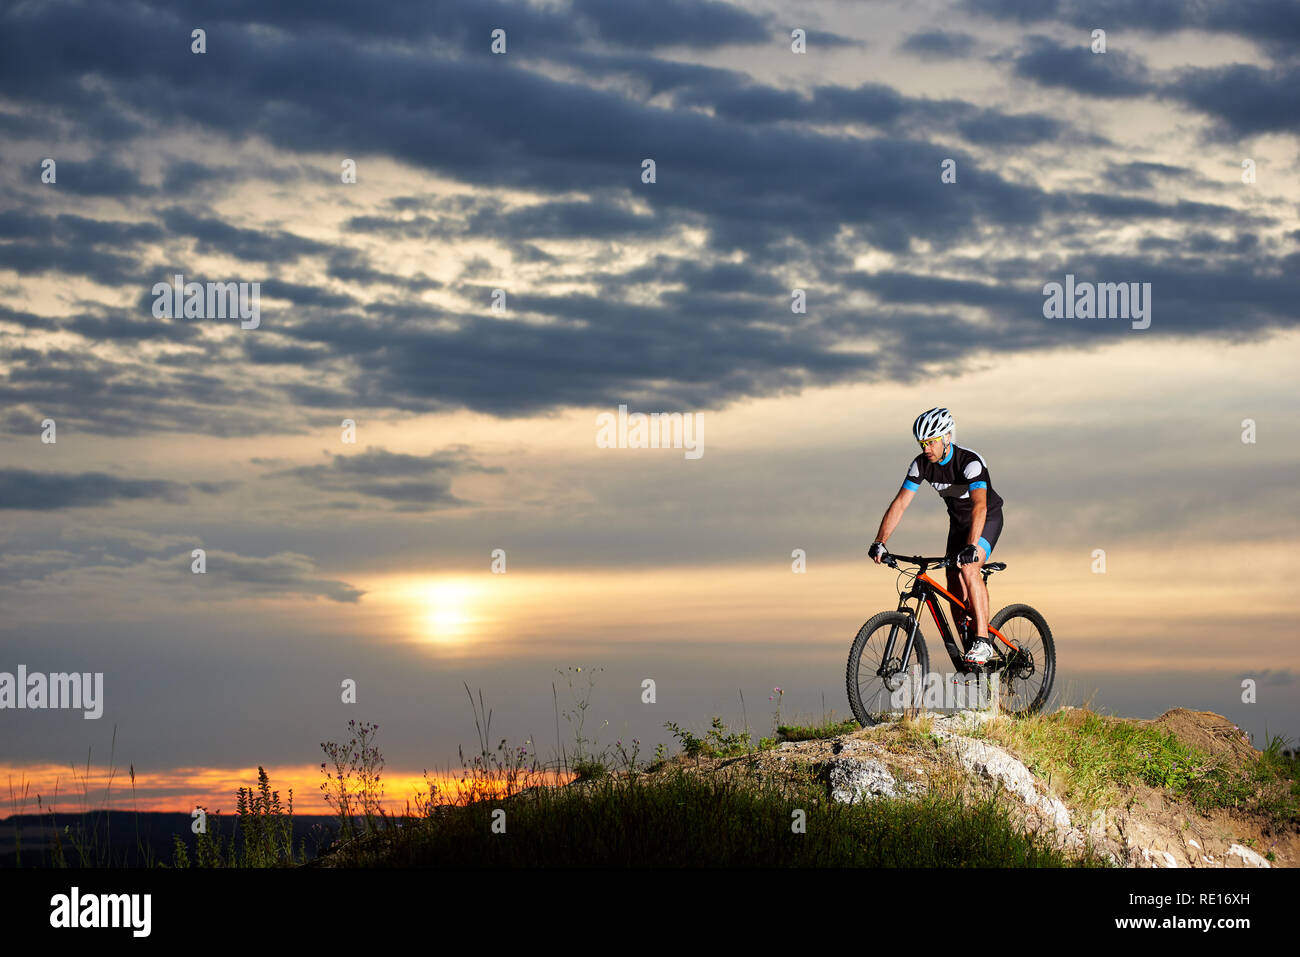 c65ca2ed81eb9 Bicicleta de montaña equitación ciclista profesional en Rock Hill con  entusiasmo. Enérgico y Atlético hombre en ropa deportiva